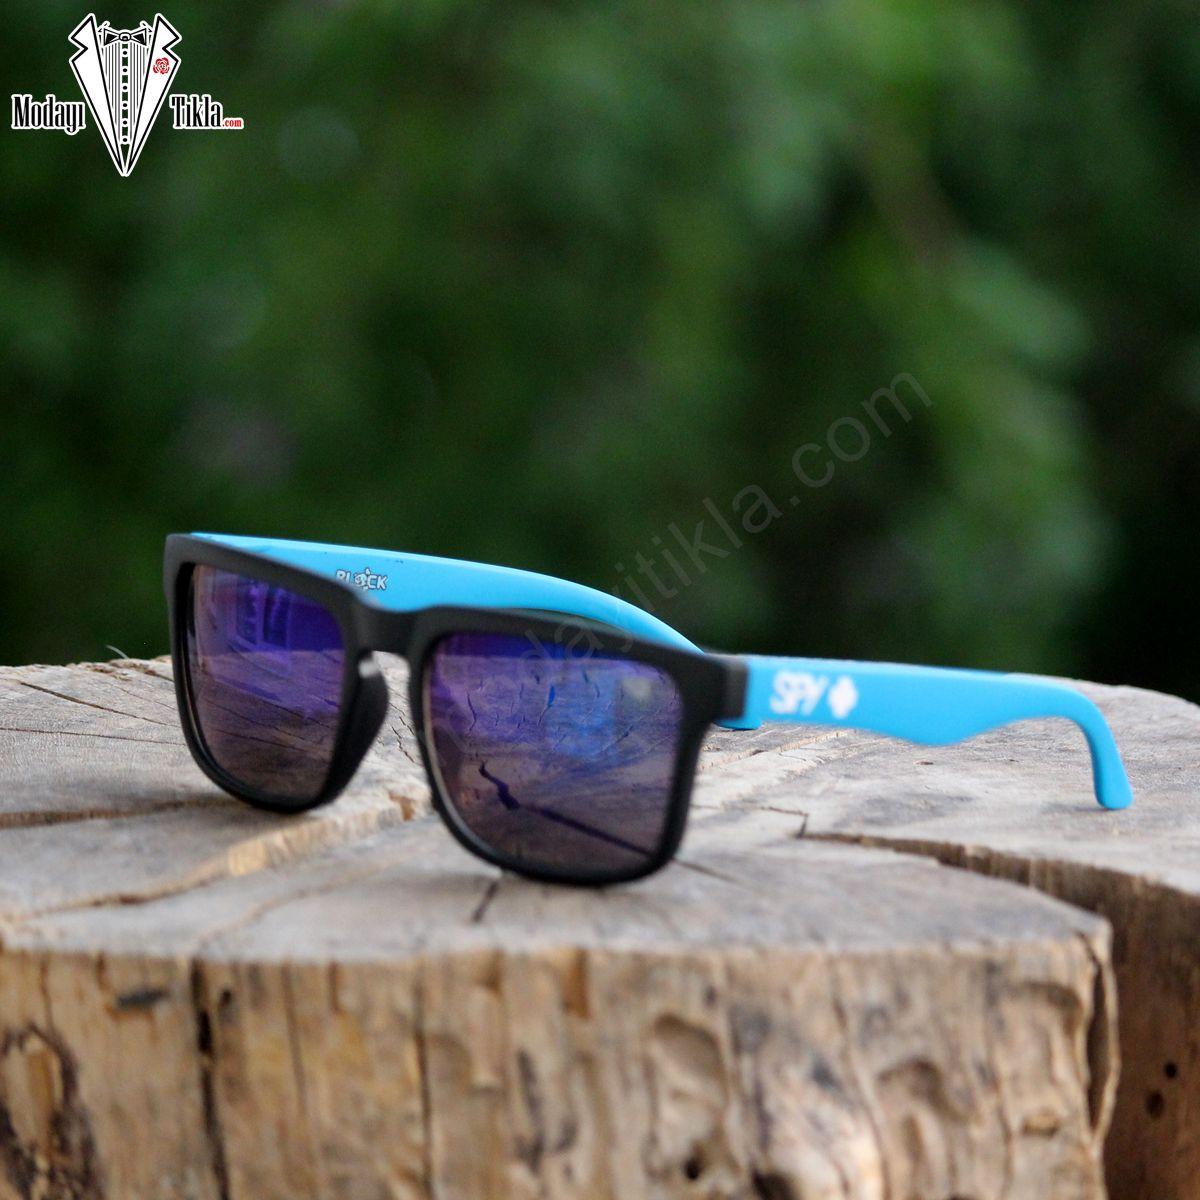 SpyBlack Güneş Gözlüğü Mavi | GÜneŞ gÖzlÜĞÜ, Mavi, Gözlük